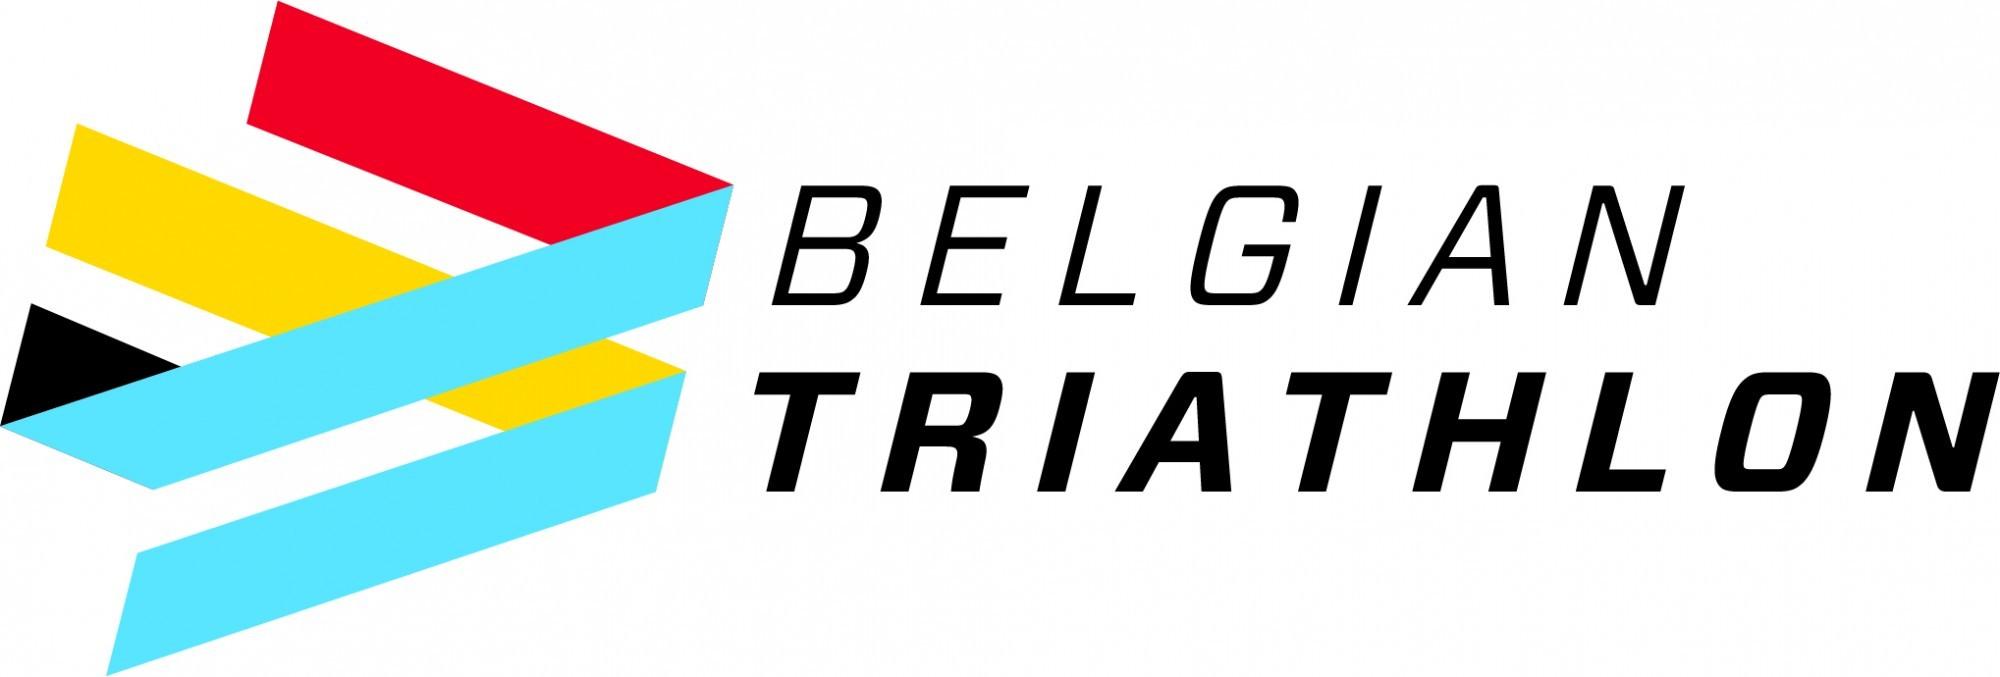 Belgium Triathlon logo